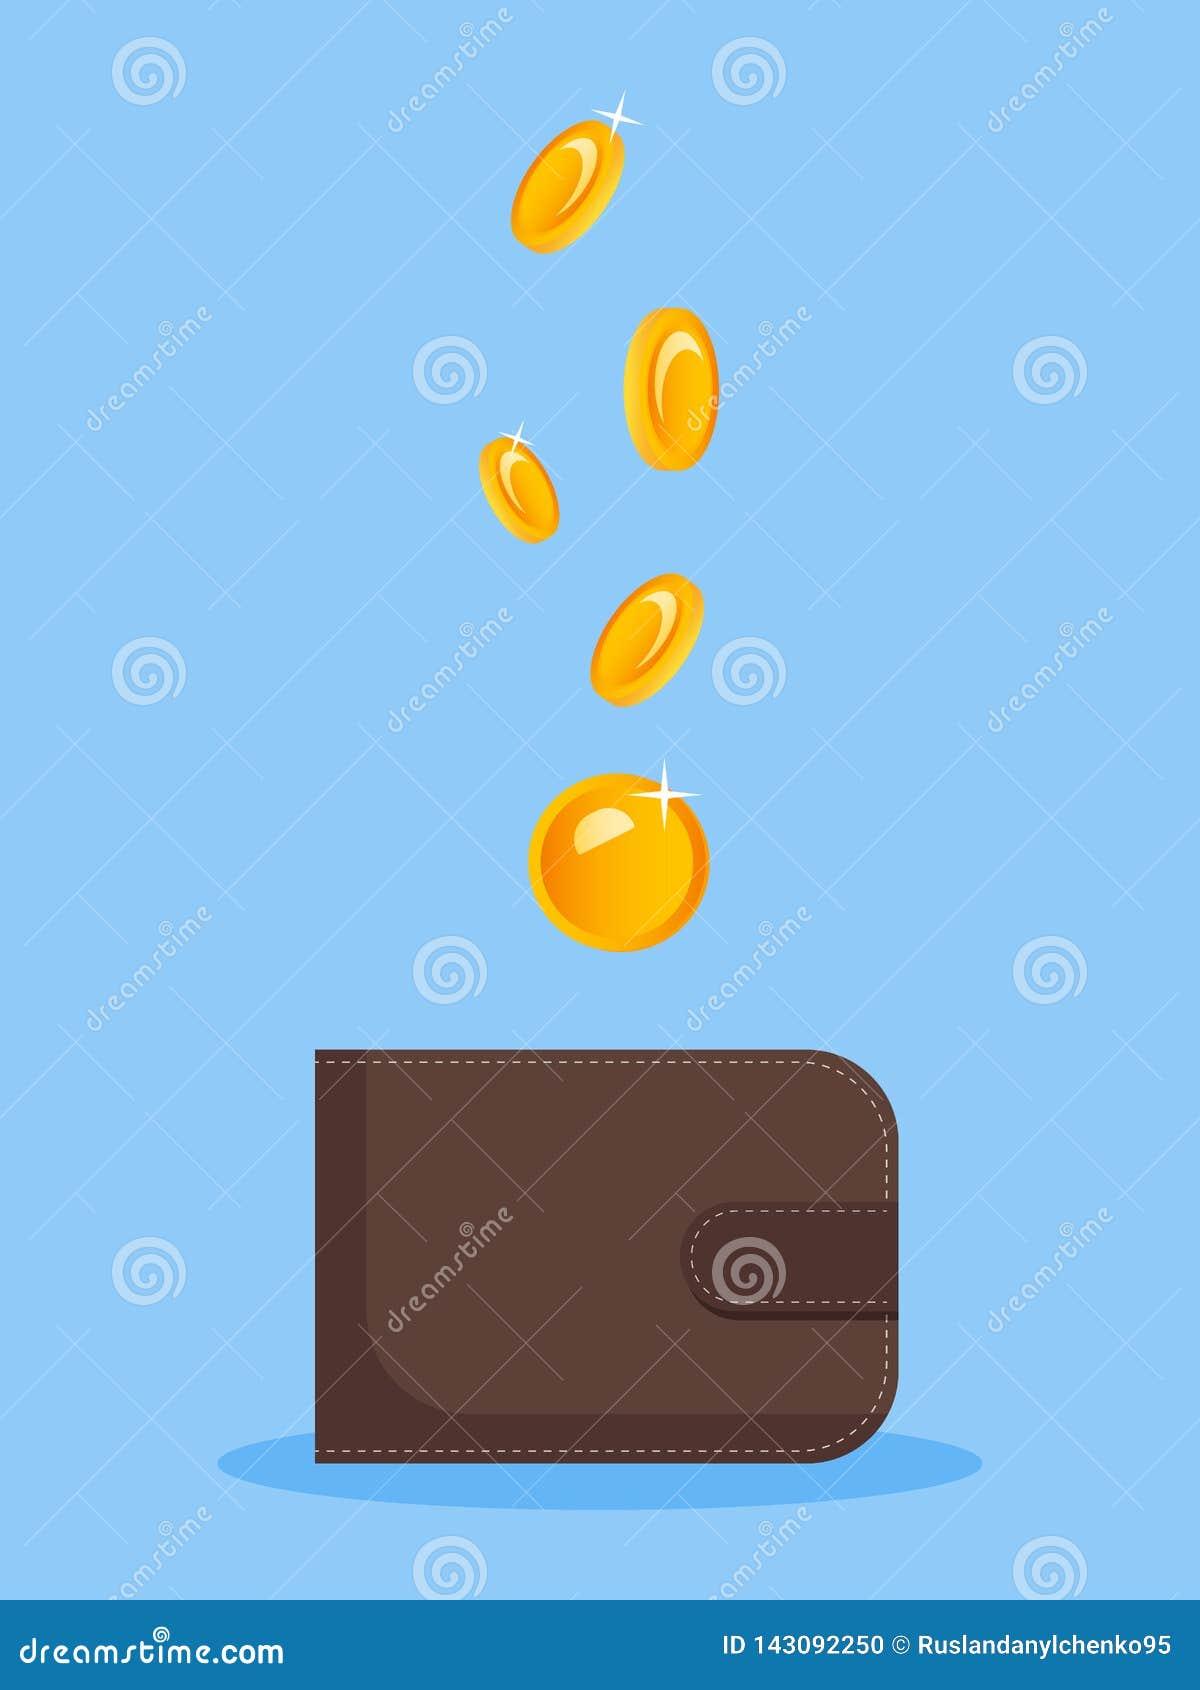 落入钱包的金钱的图象 在蓝色背景的平的传染媒介图象 资助,monat,做广告的想法